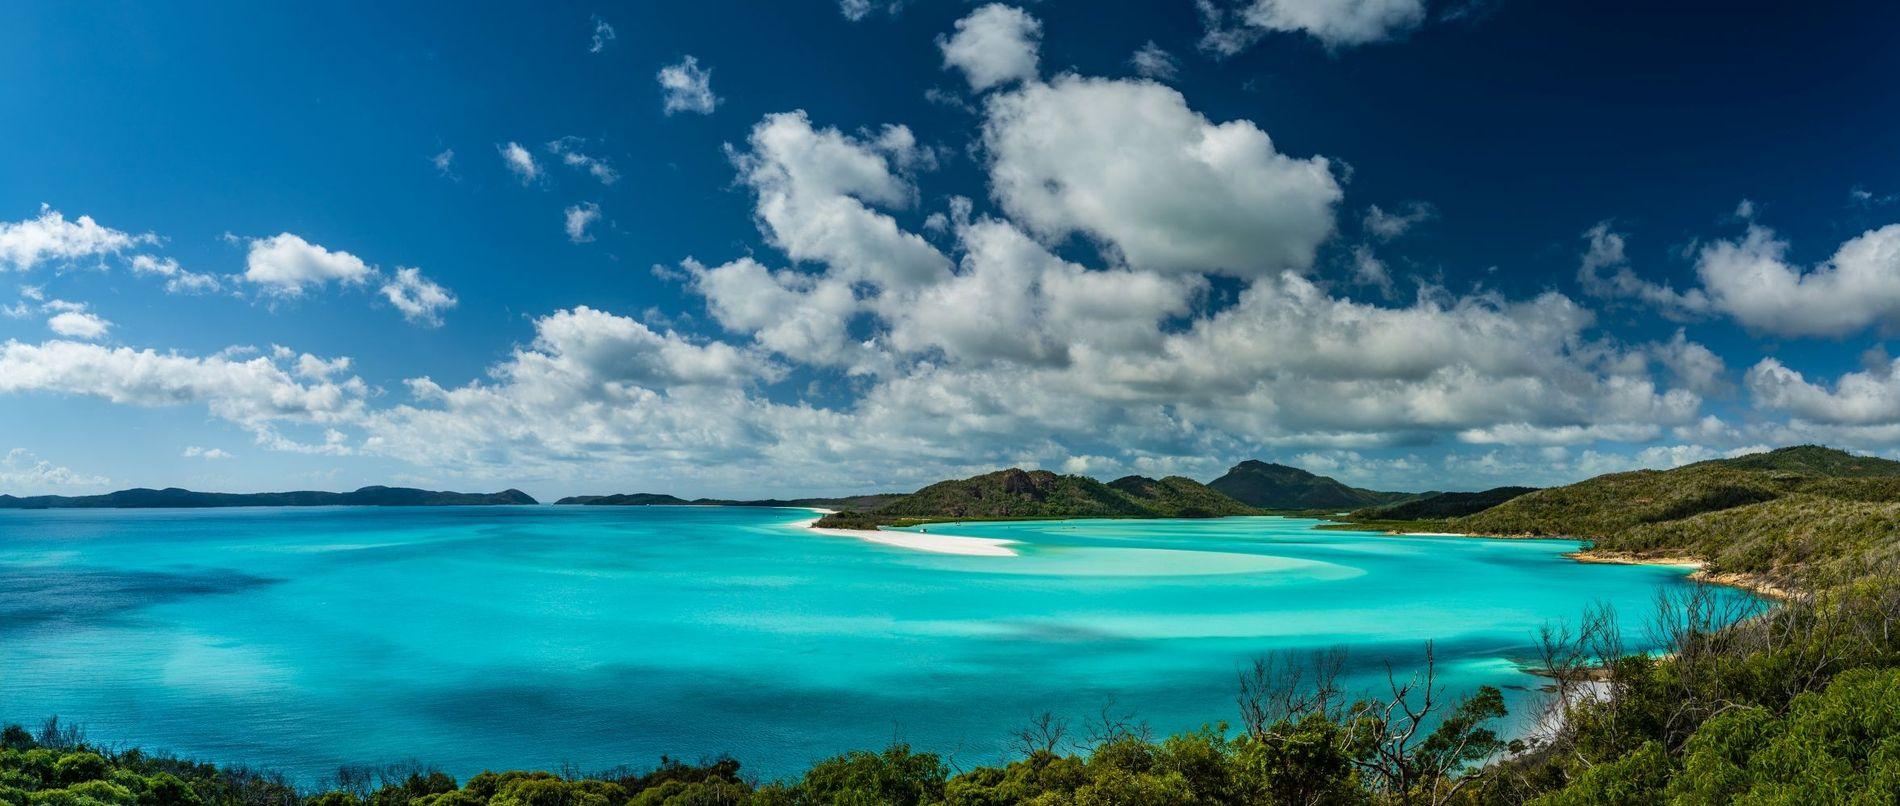 Artenreich & atemberaubend: Australien